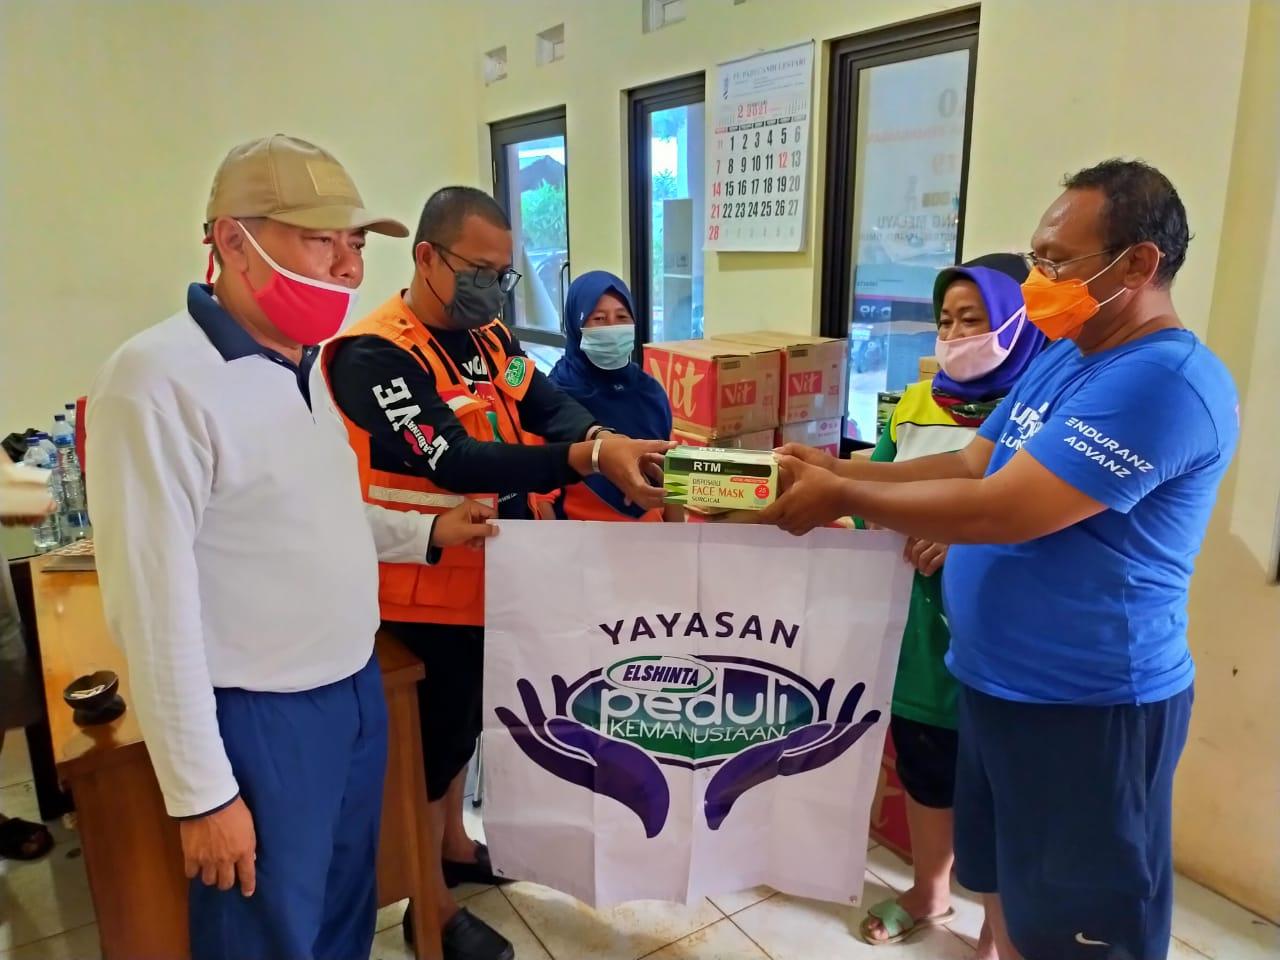 Tim Elshinta Peduli Kemanusiaan bantu warga korban banjir di Cipinang Melayu, Jaktim